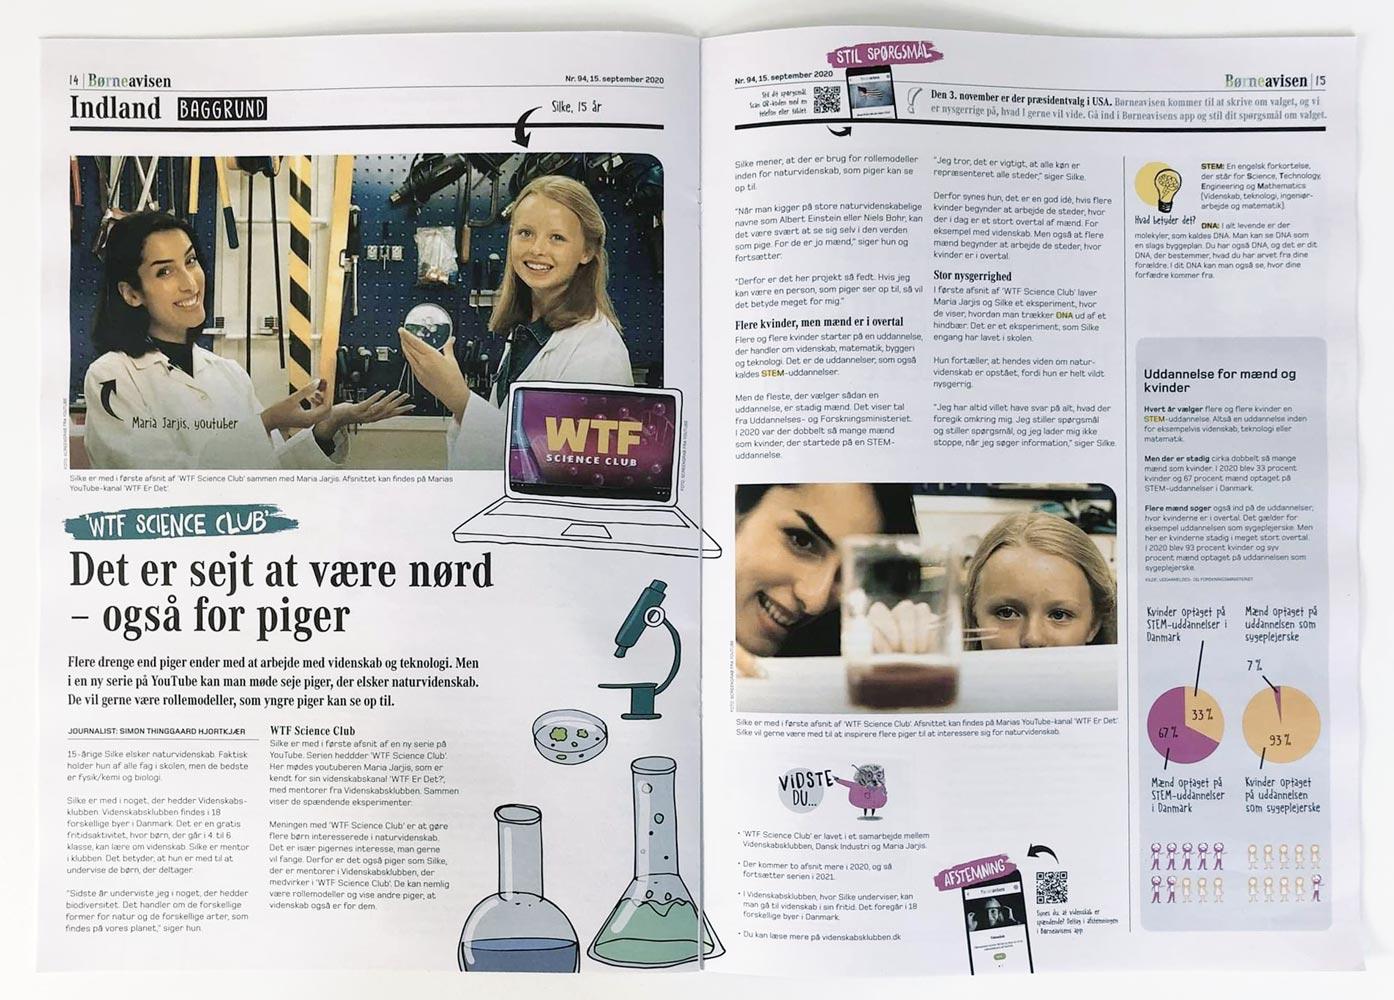 Presse - 15. september 2020 - Børneavisen